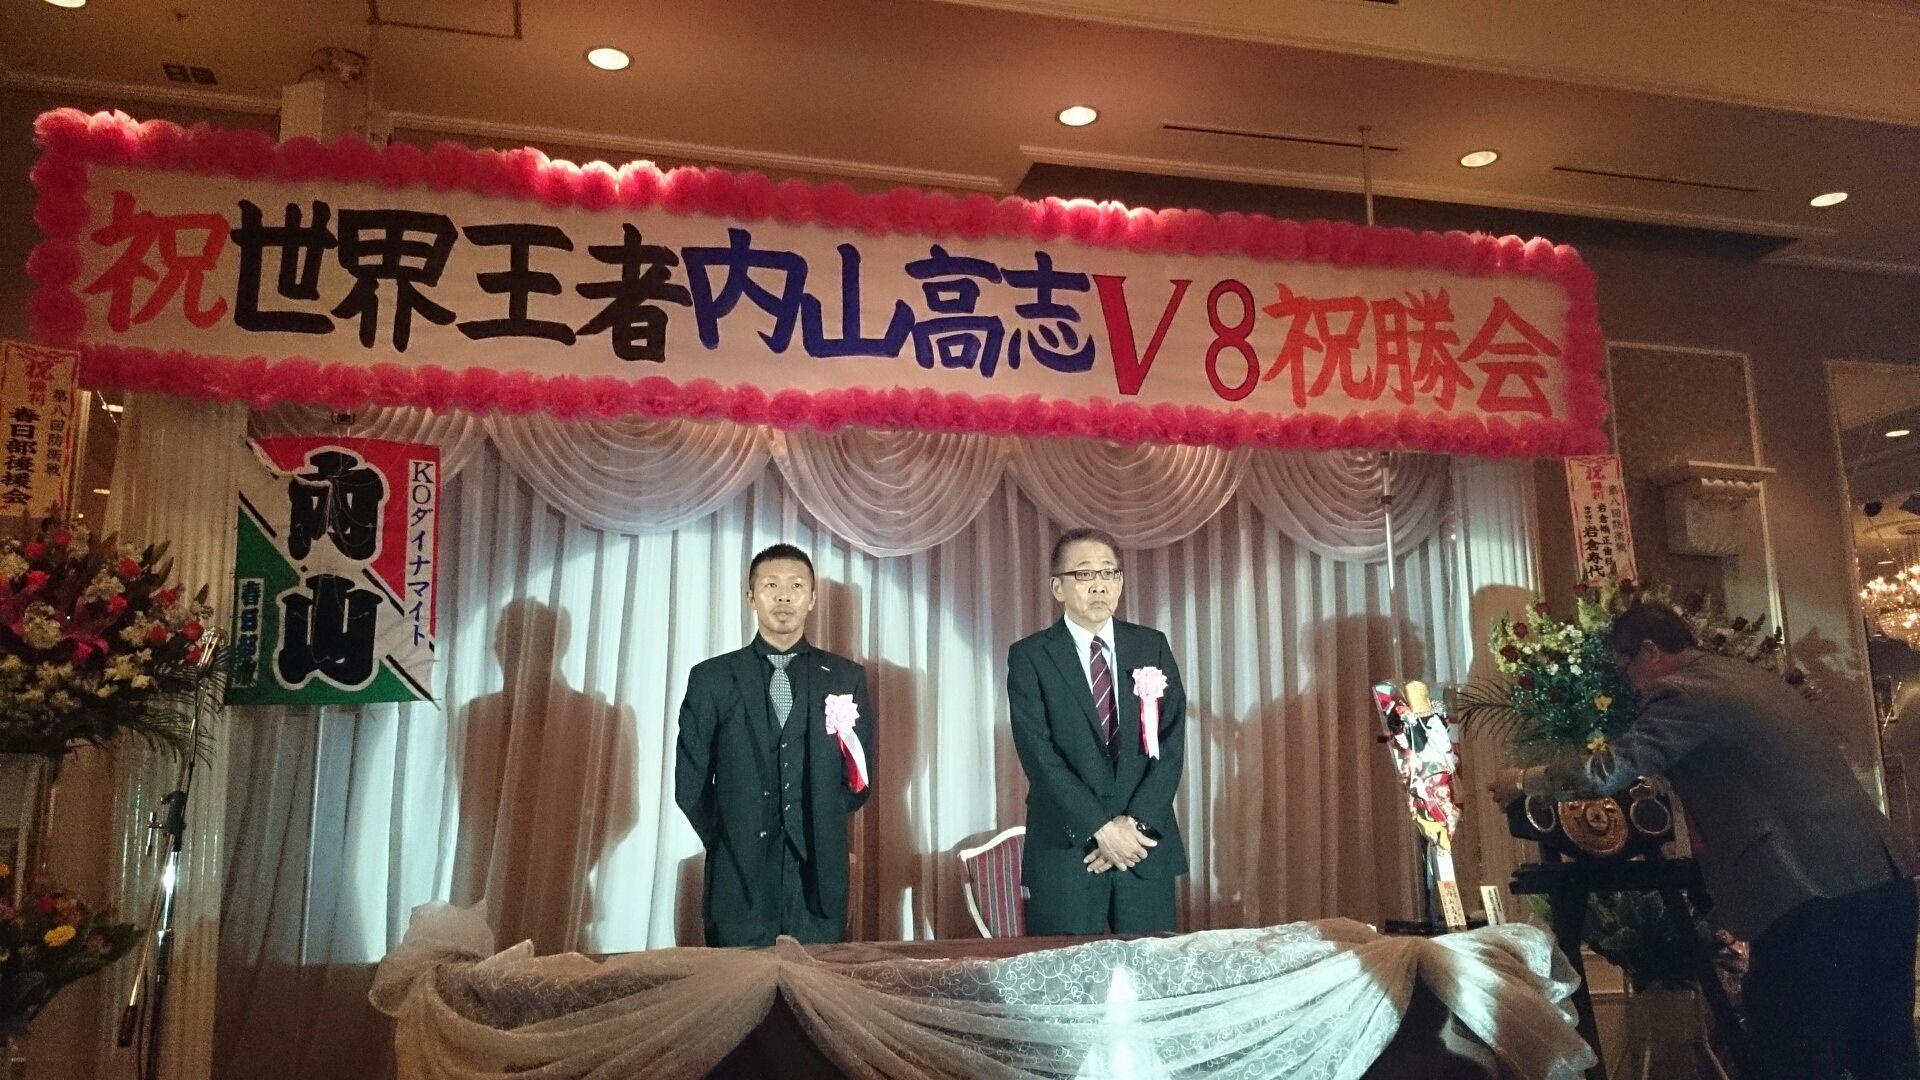 内山さん&春日部後援会のお話_f0192306_23202383.jpg